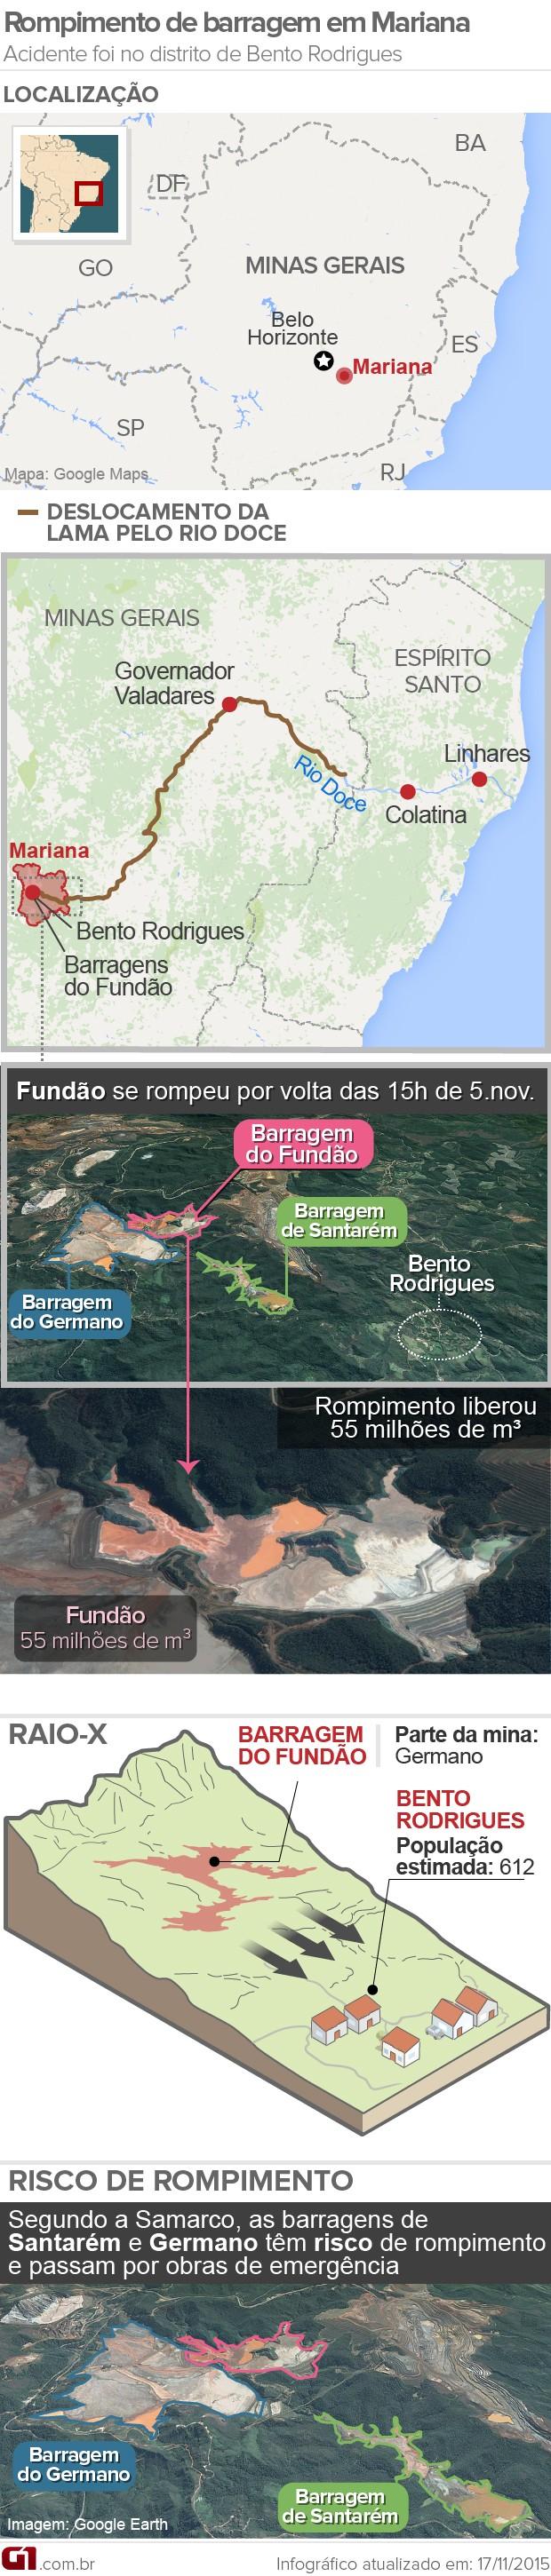 Novo infográfico barragens Mariana atualizado (Foto: G1)